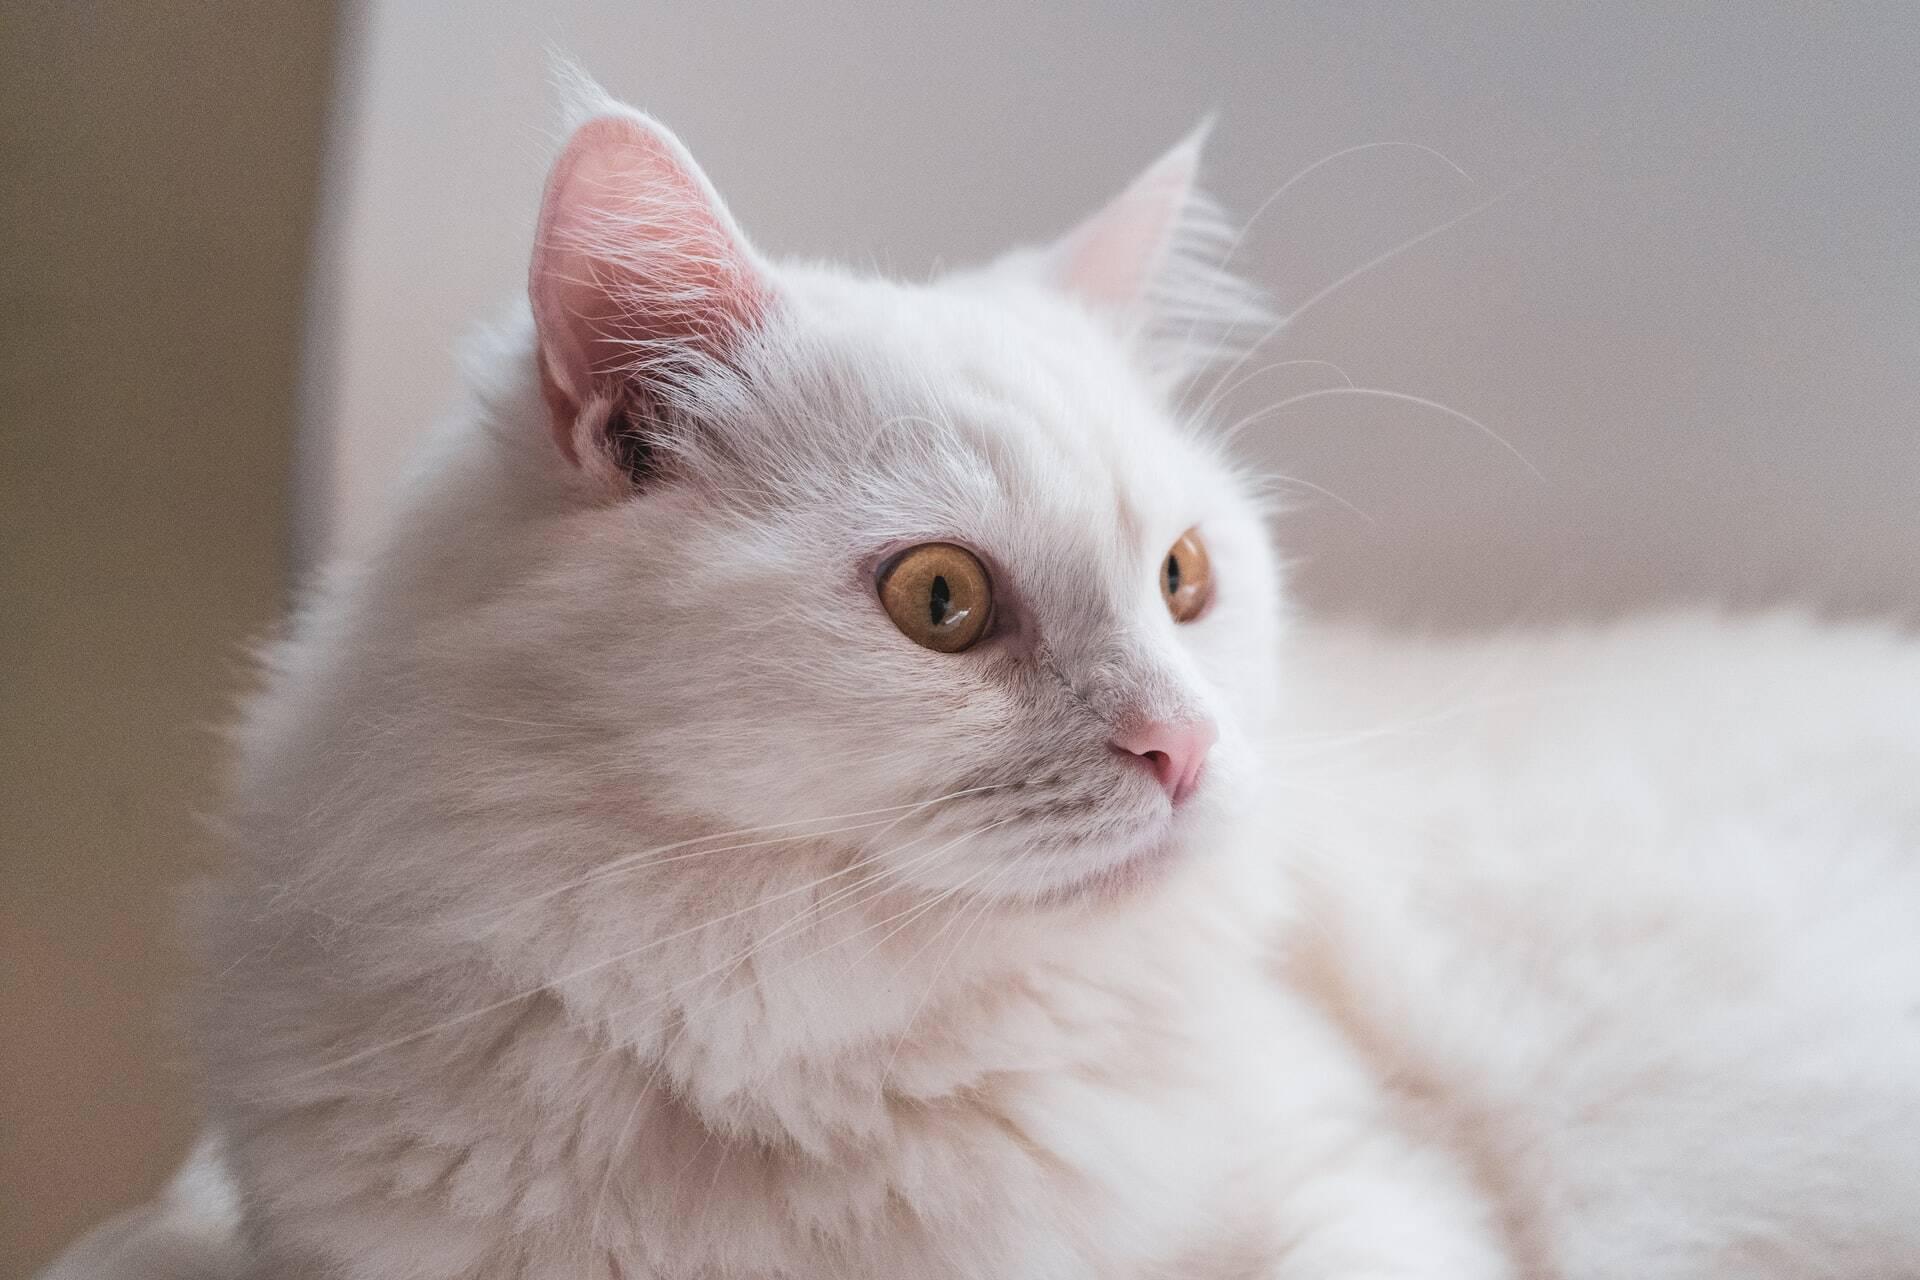 Saiba o que fazer caso seu gato pare de usar a caixa de areia